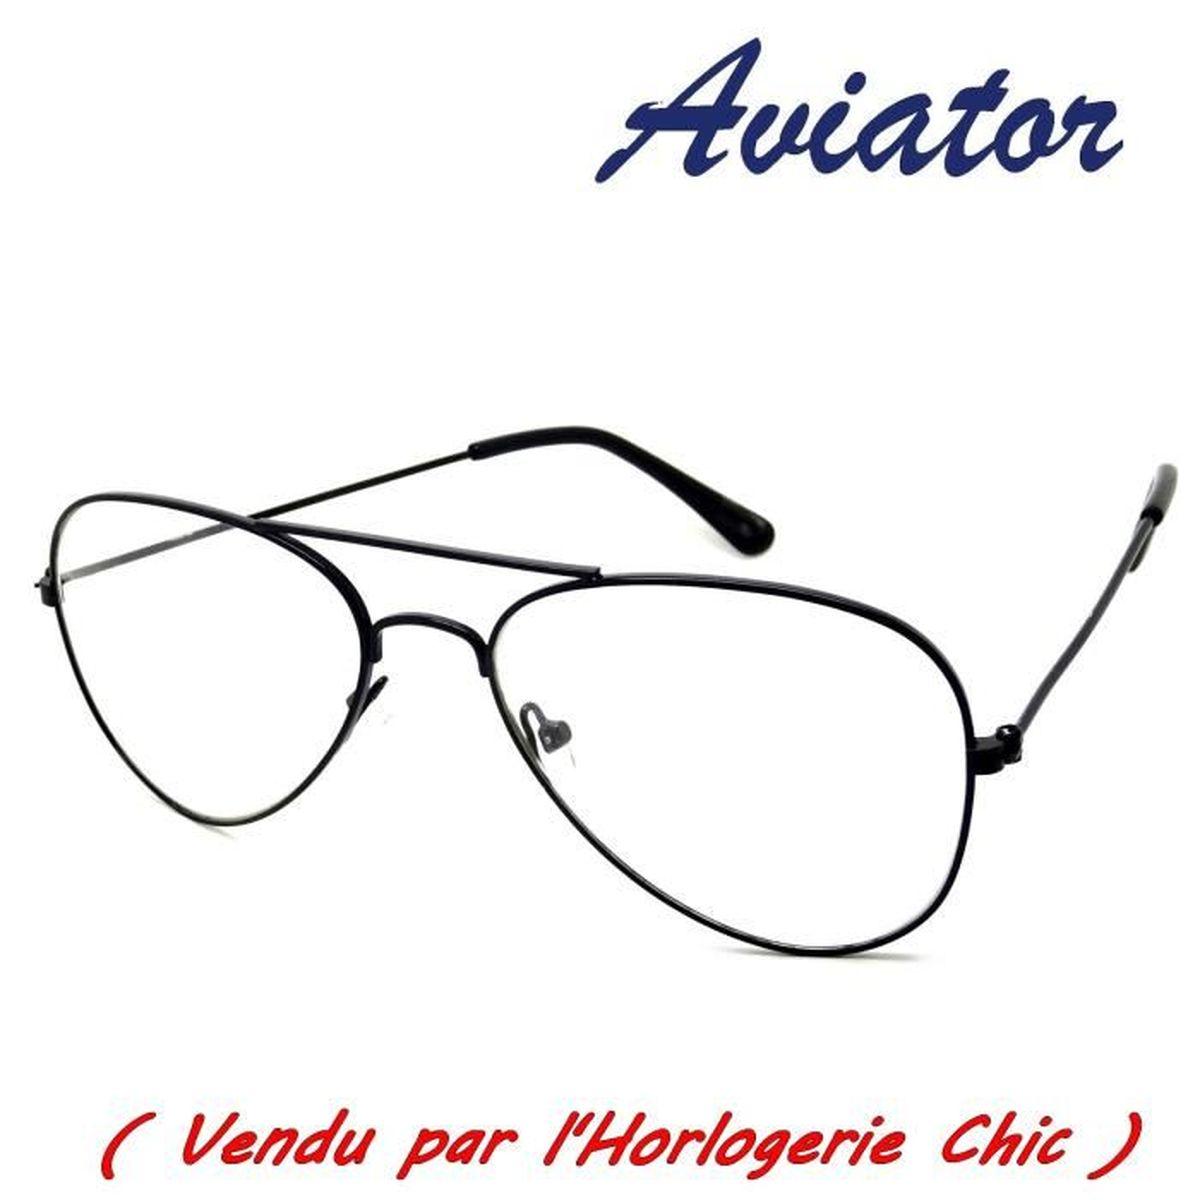 Lunettes Homme Femme Aviator Aviateur Noir Vintage Pilote Vue Transparente New lkCfMX